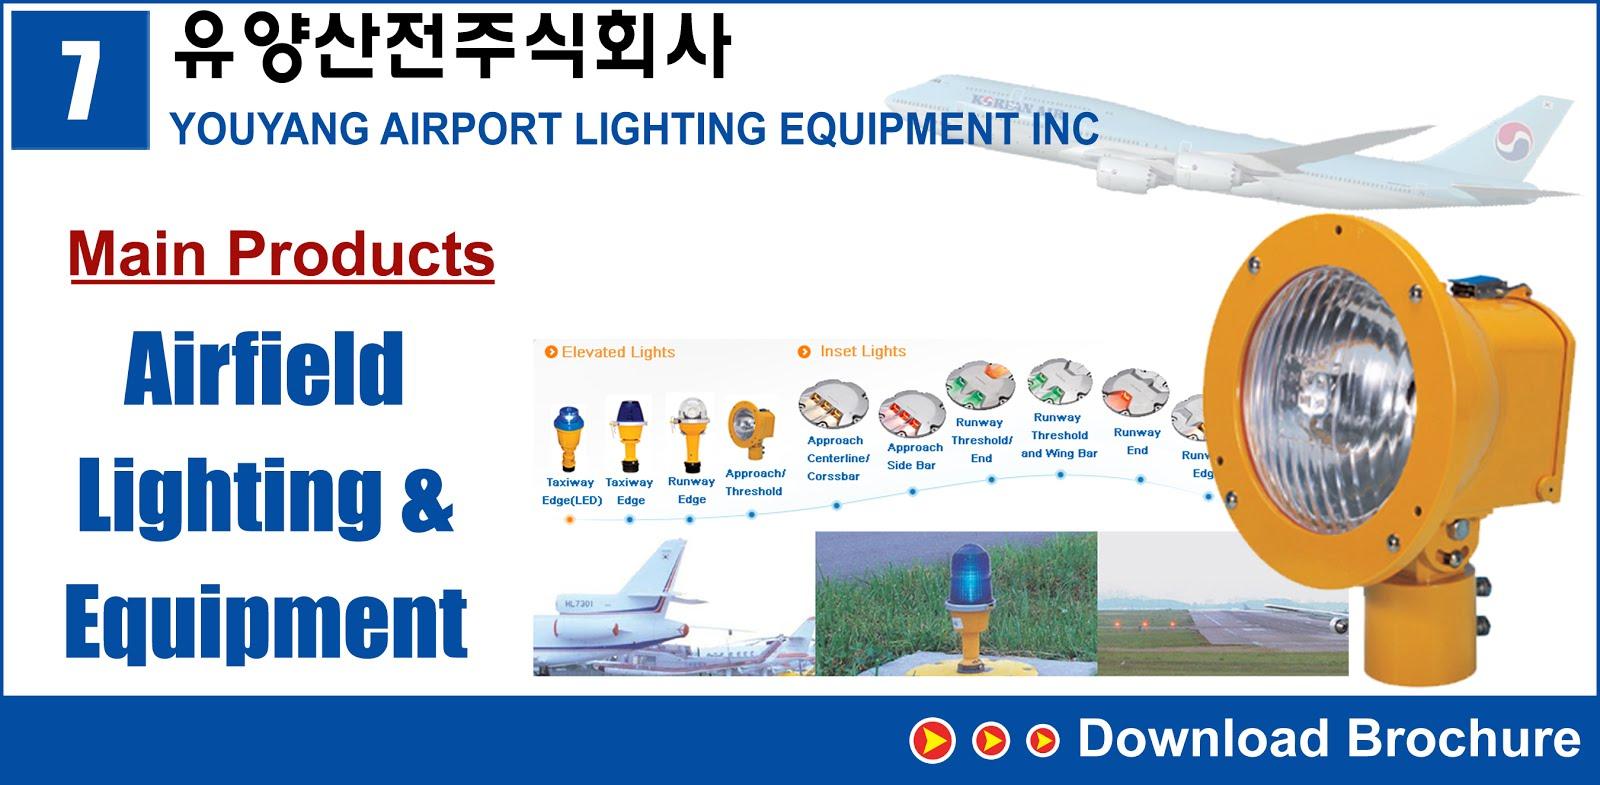 7.YOUYANG AIRPORT LIGHTING EQUIPMENT INC